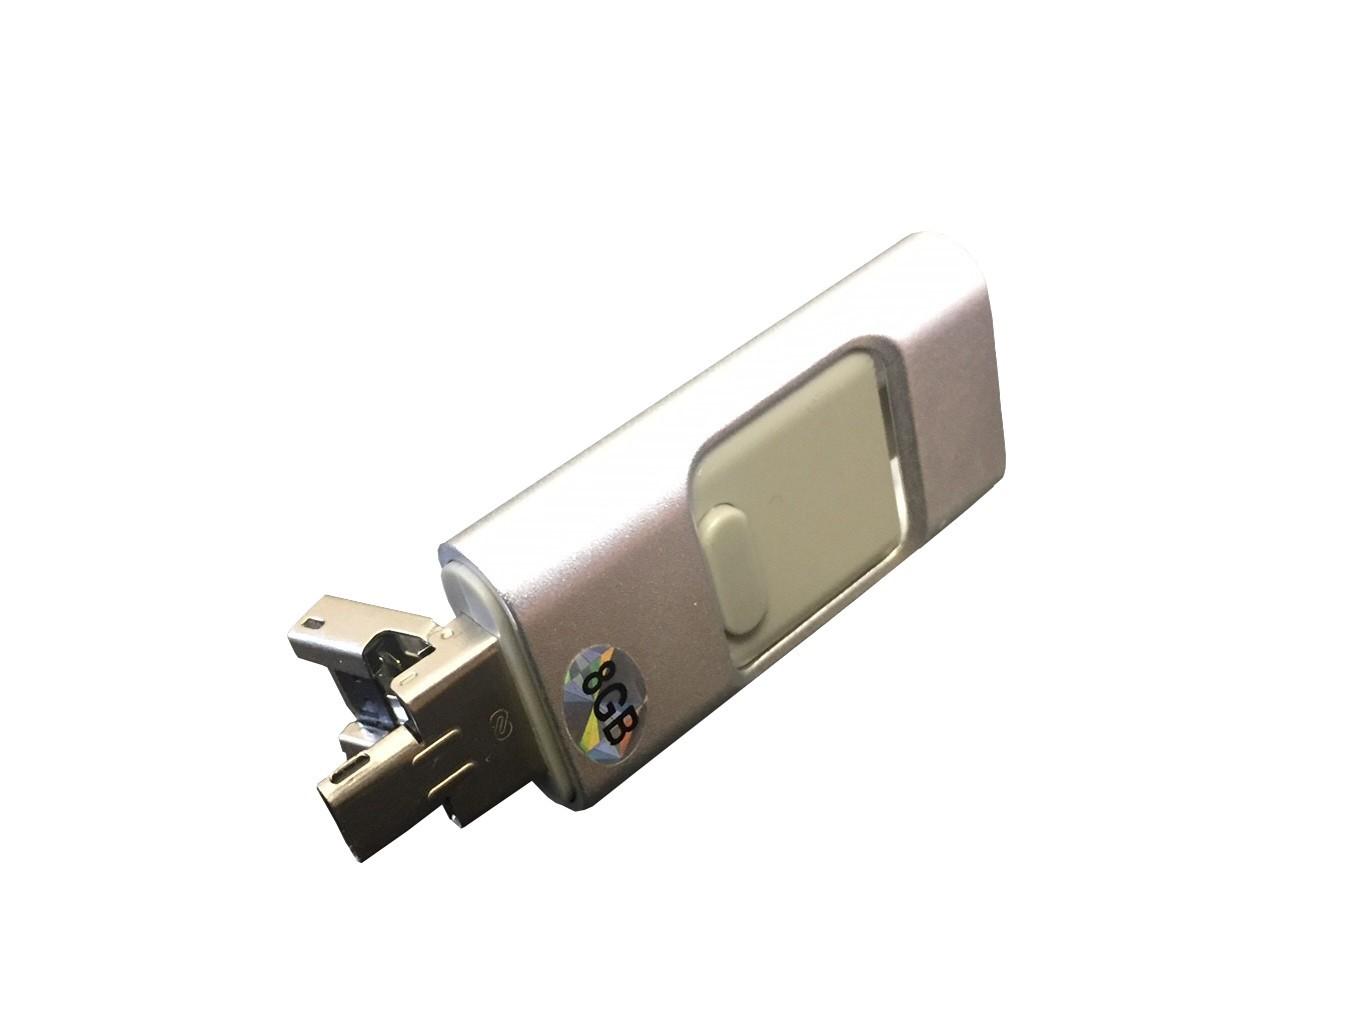 OTG (on-the-go) USB ključki s pomočjo OTG standarda omogočajo mobilnim napravam, da med seboj komunicirajo brez uporabe računalnika.